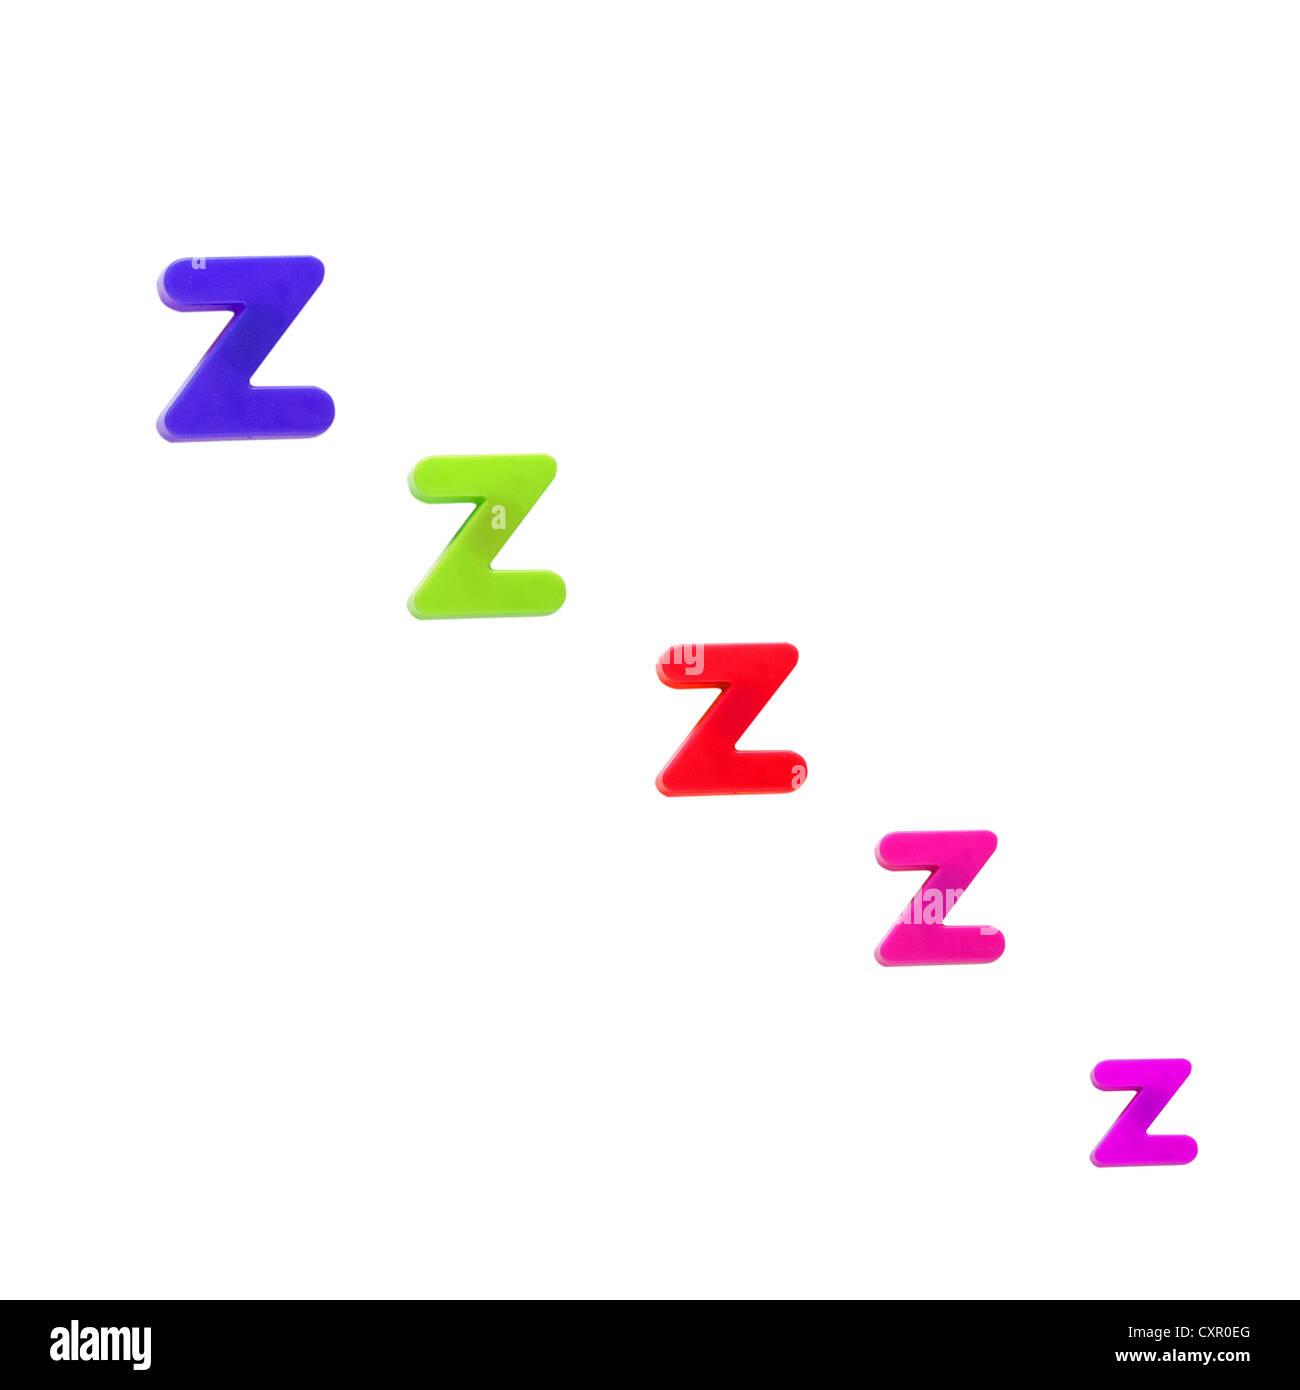 Letter Z fridge magnets - Stock Image